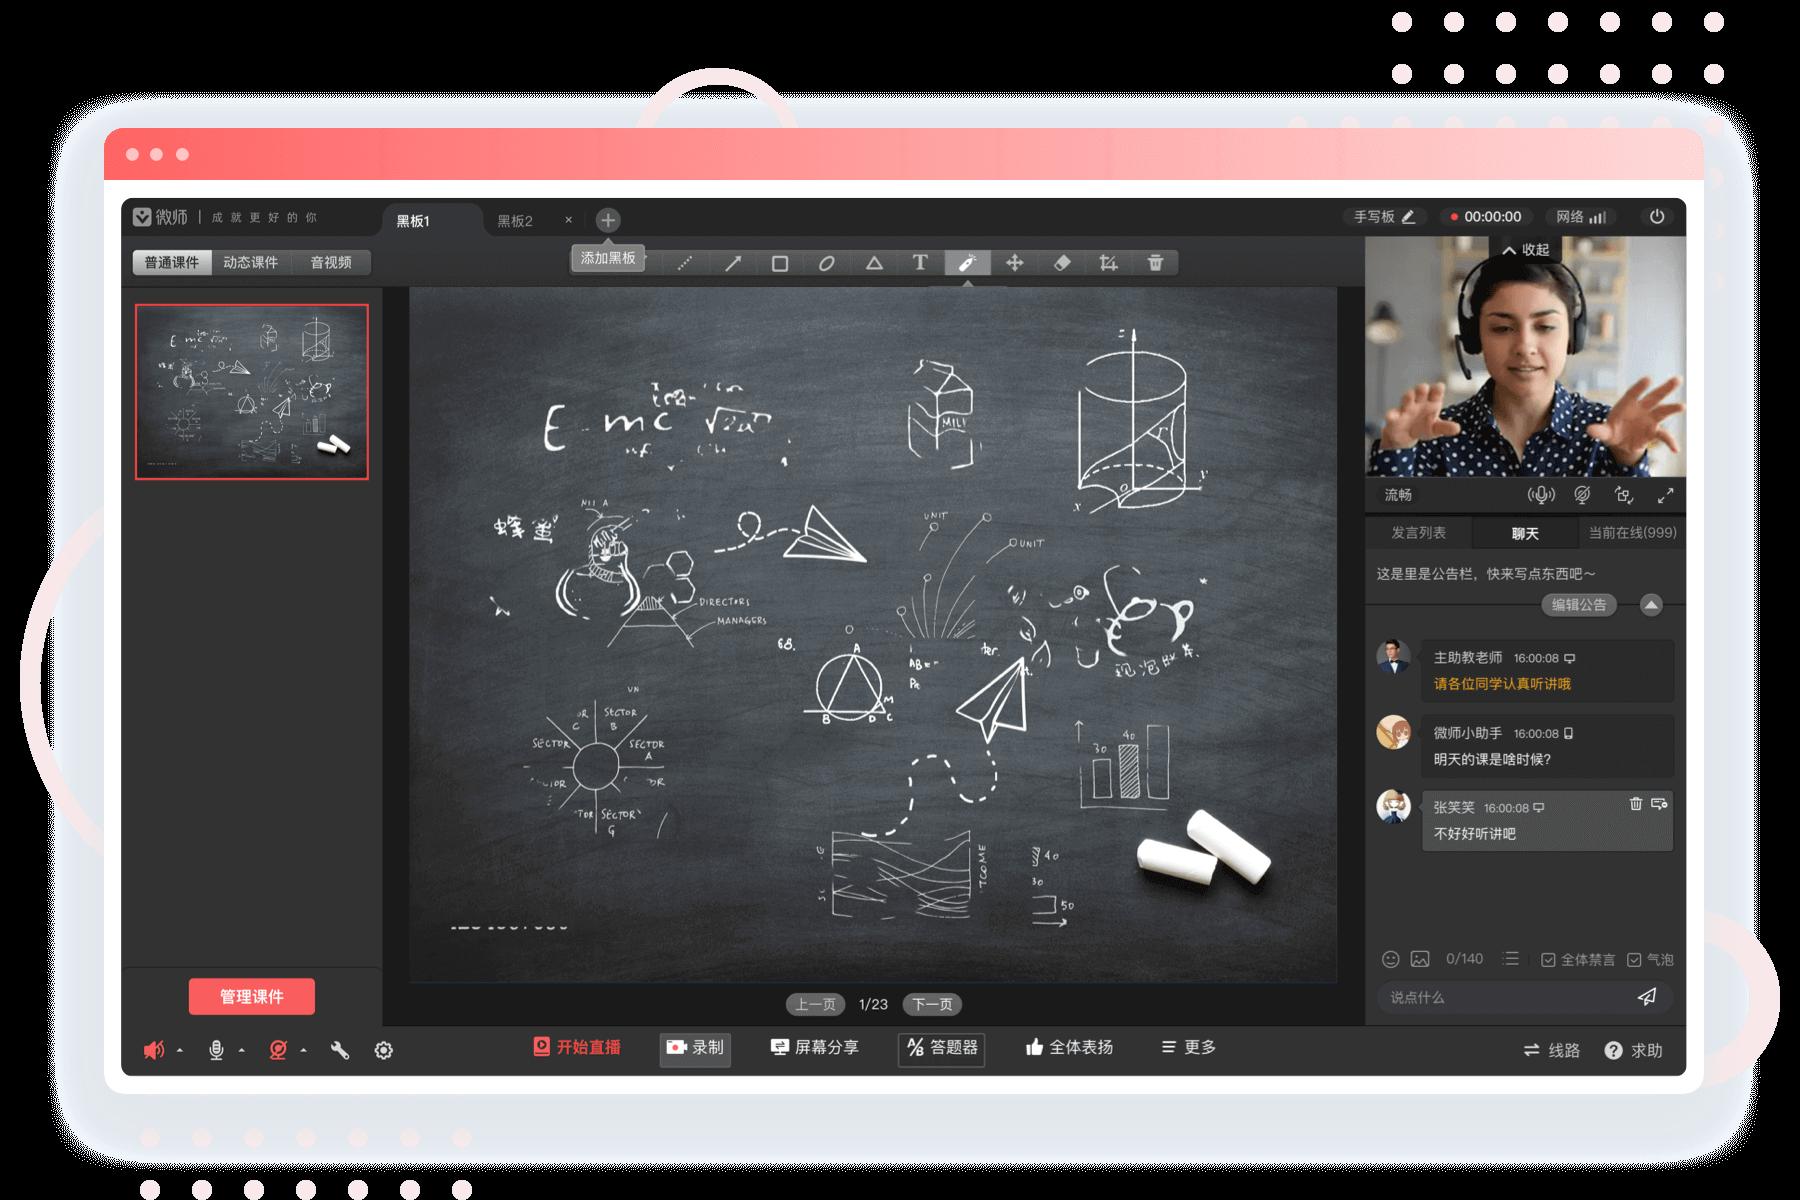 微师提供稳定的教学直播系统,真实还原线下教学场景